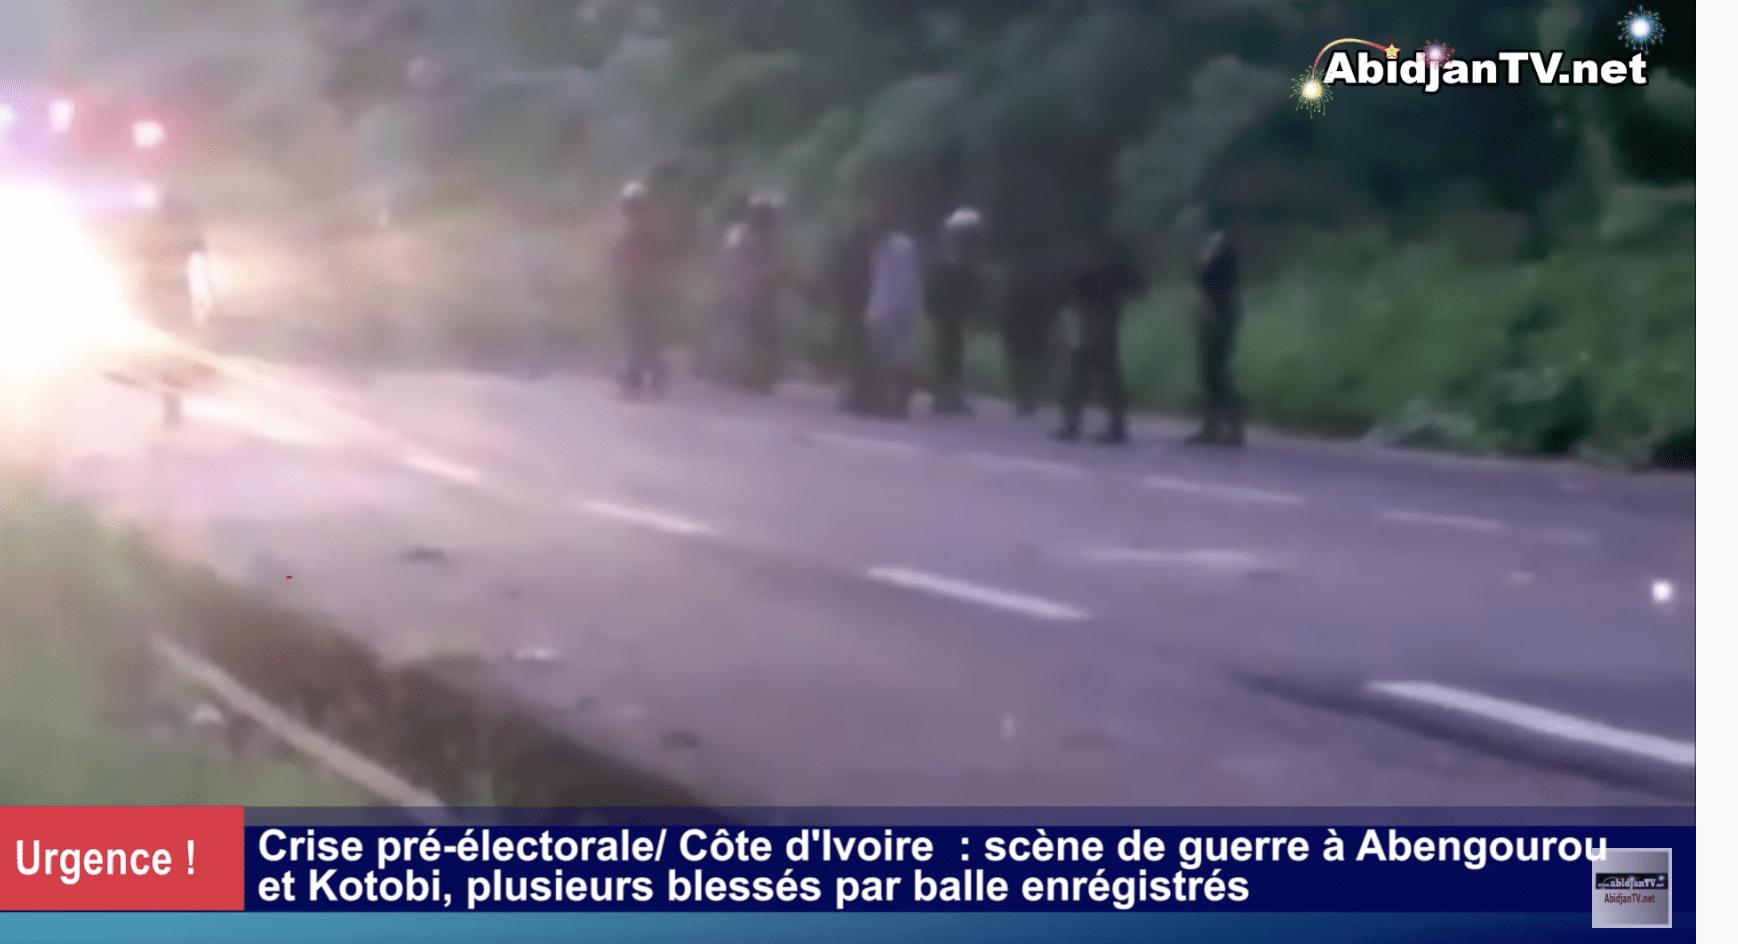 Côte d'Ivoire : scène de guerre à Abengourou et Kotobi, plusieurs blessés par balle enregistrés